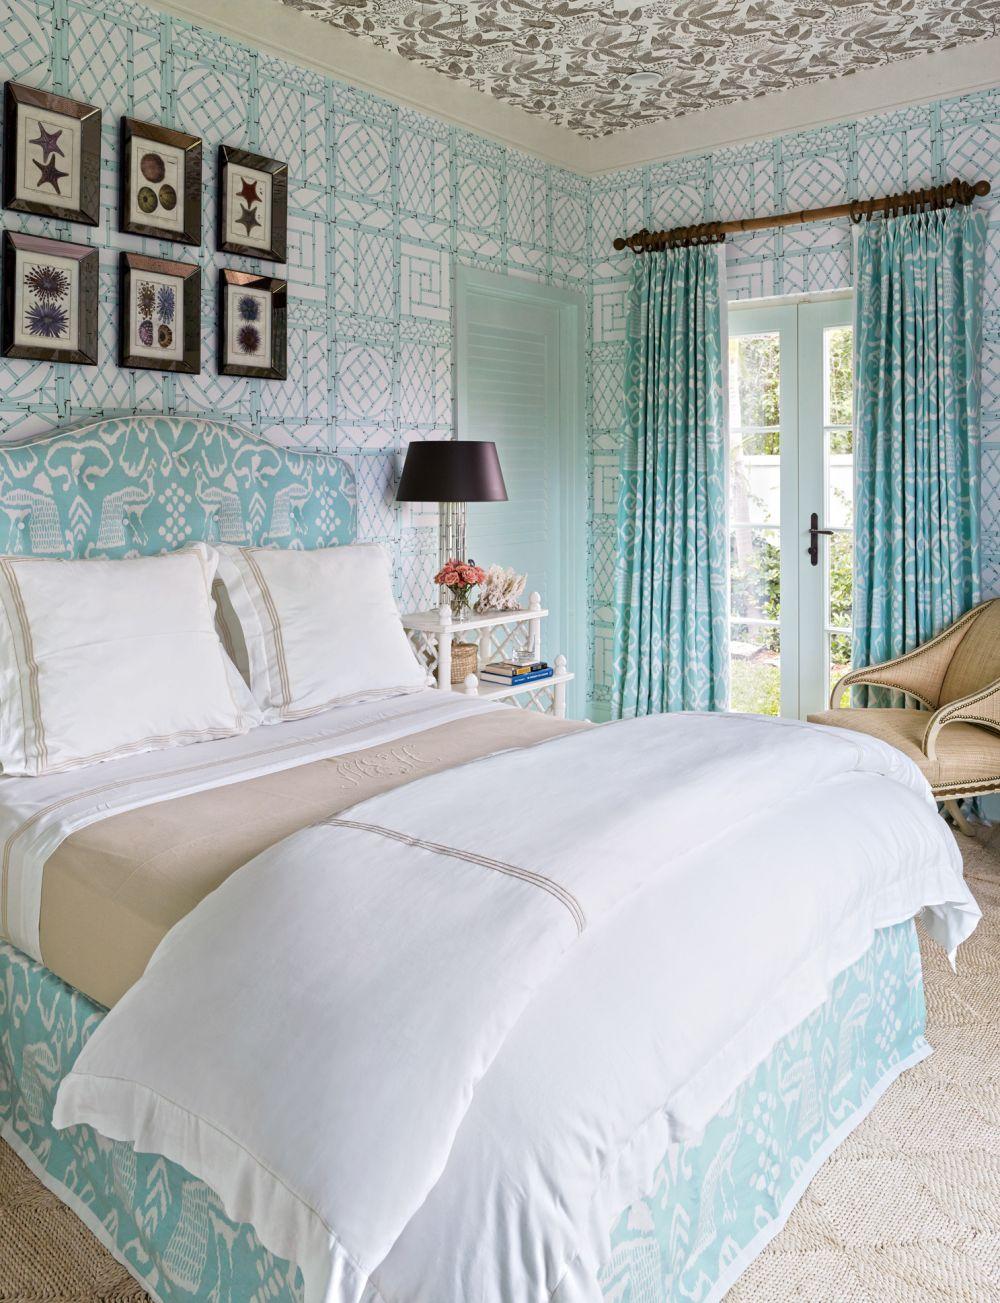 #Schlafzimmer 2018 21 Schöne Sammlung Von Bunten Blauen Schlafzimmer  Interieur #Dekoration Ideen #